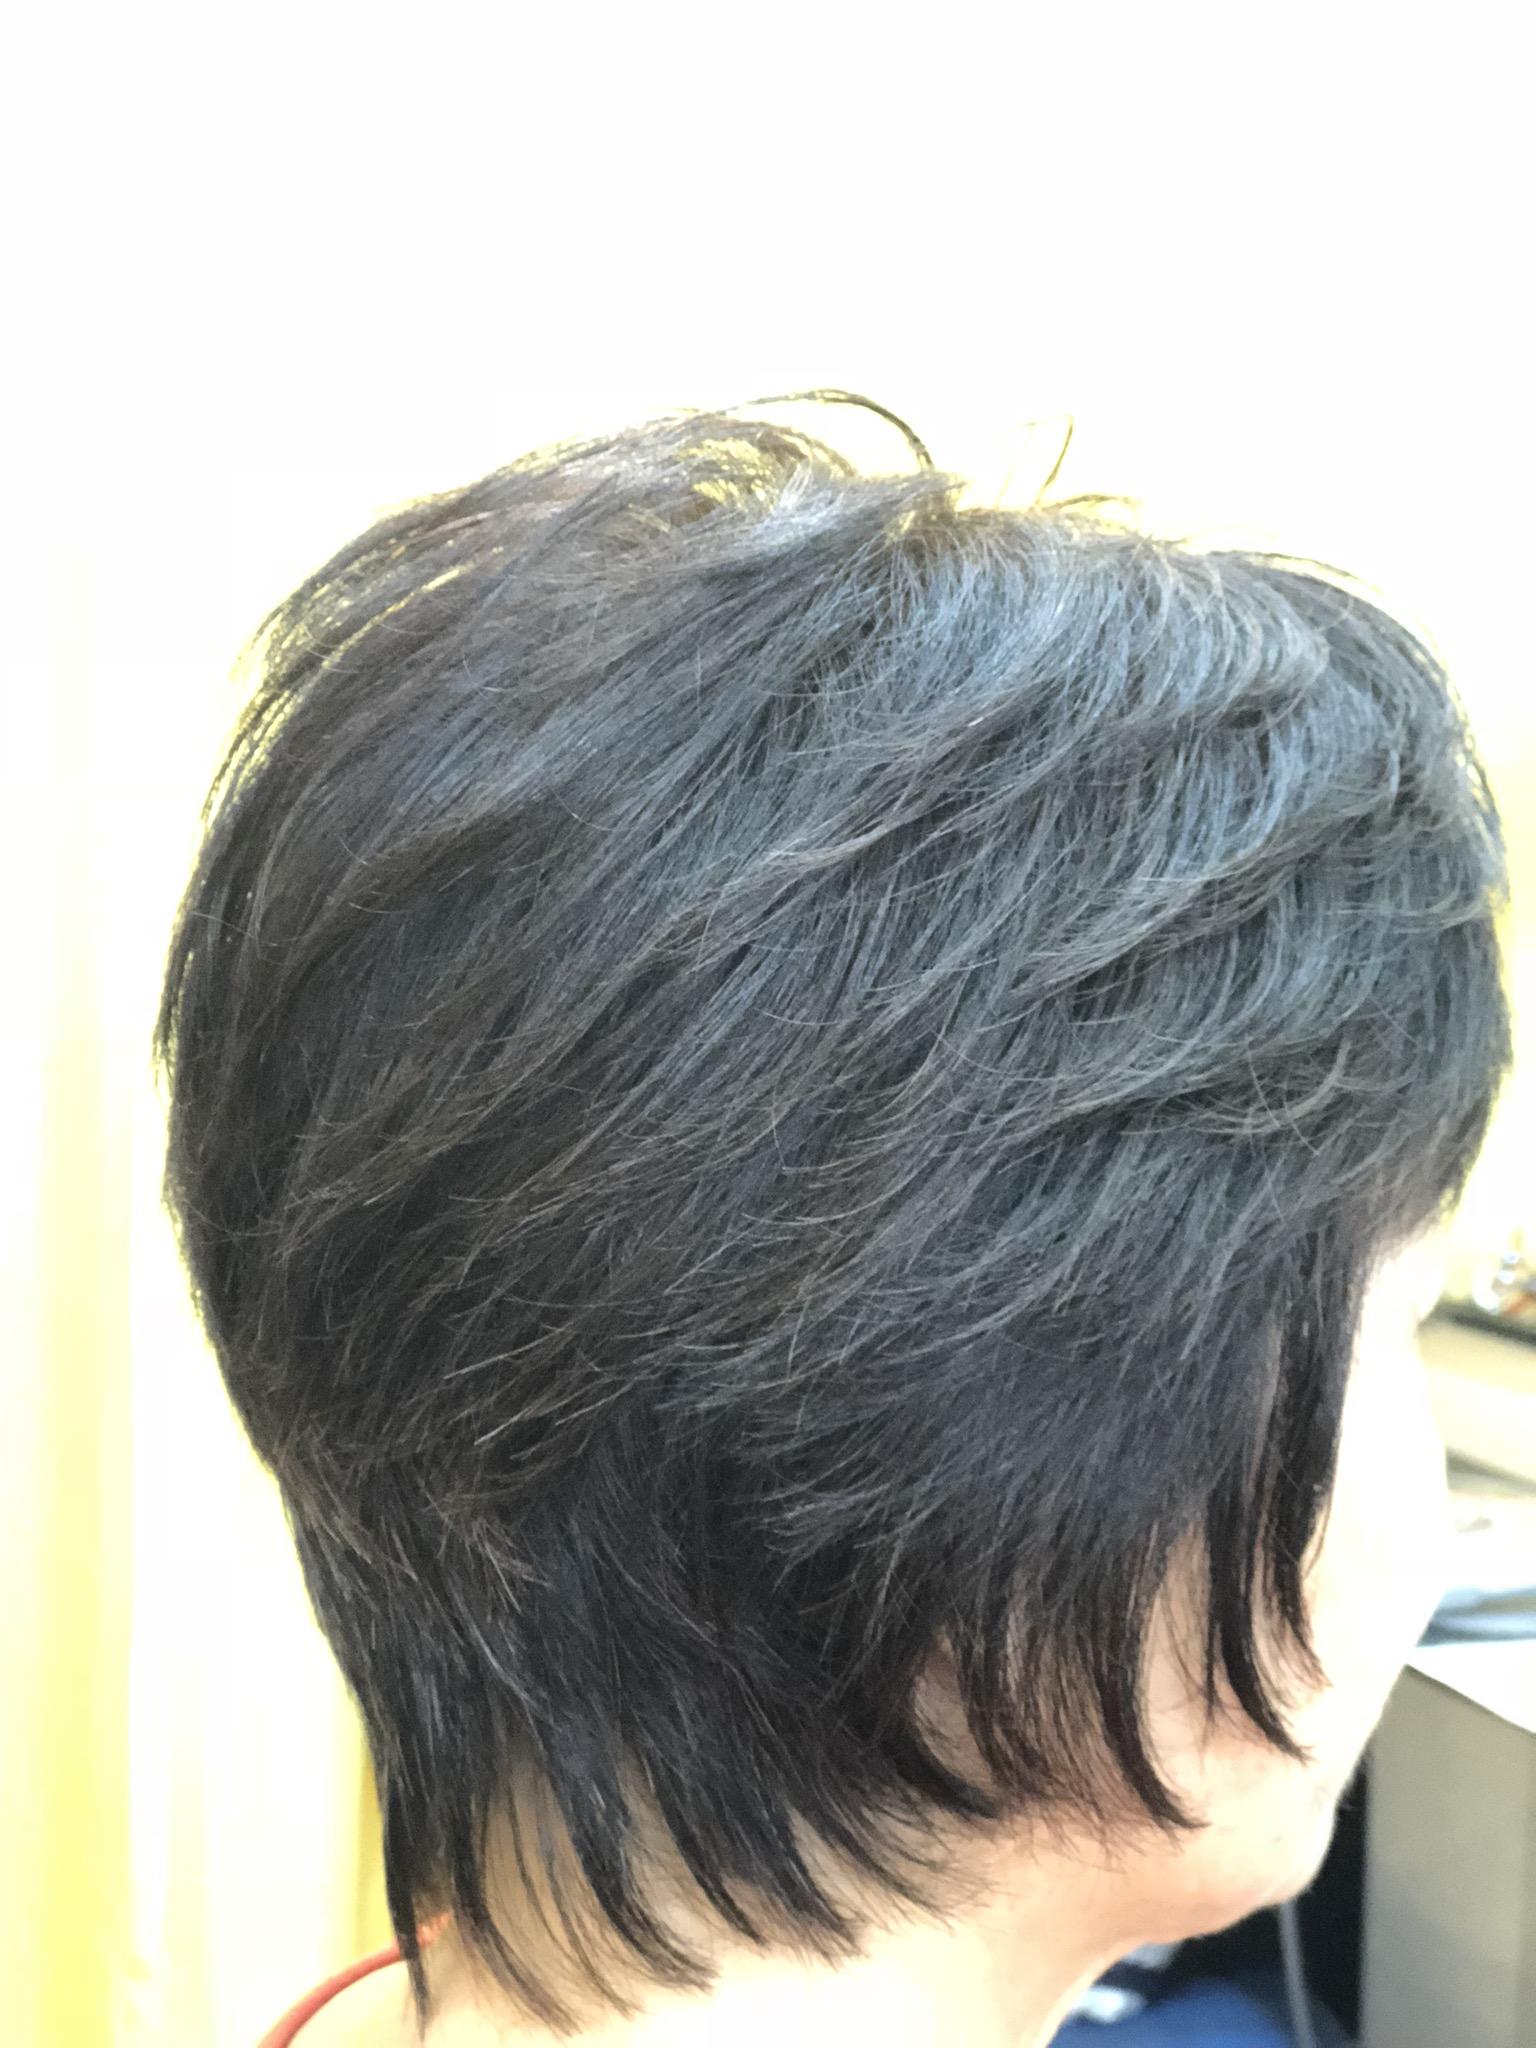 くせ毛の方はまとまりやすい長さにすると楽ですよ